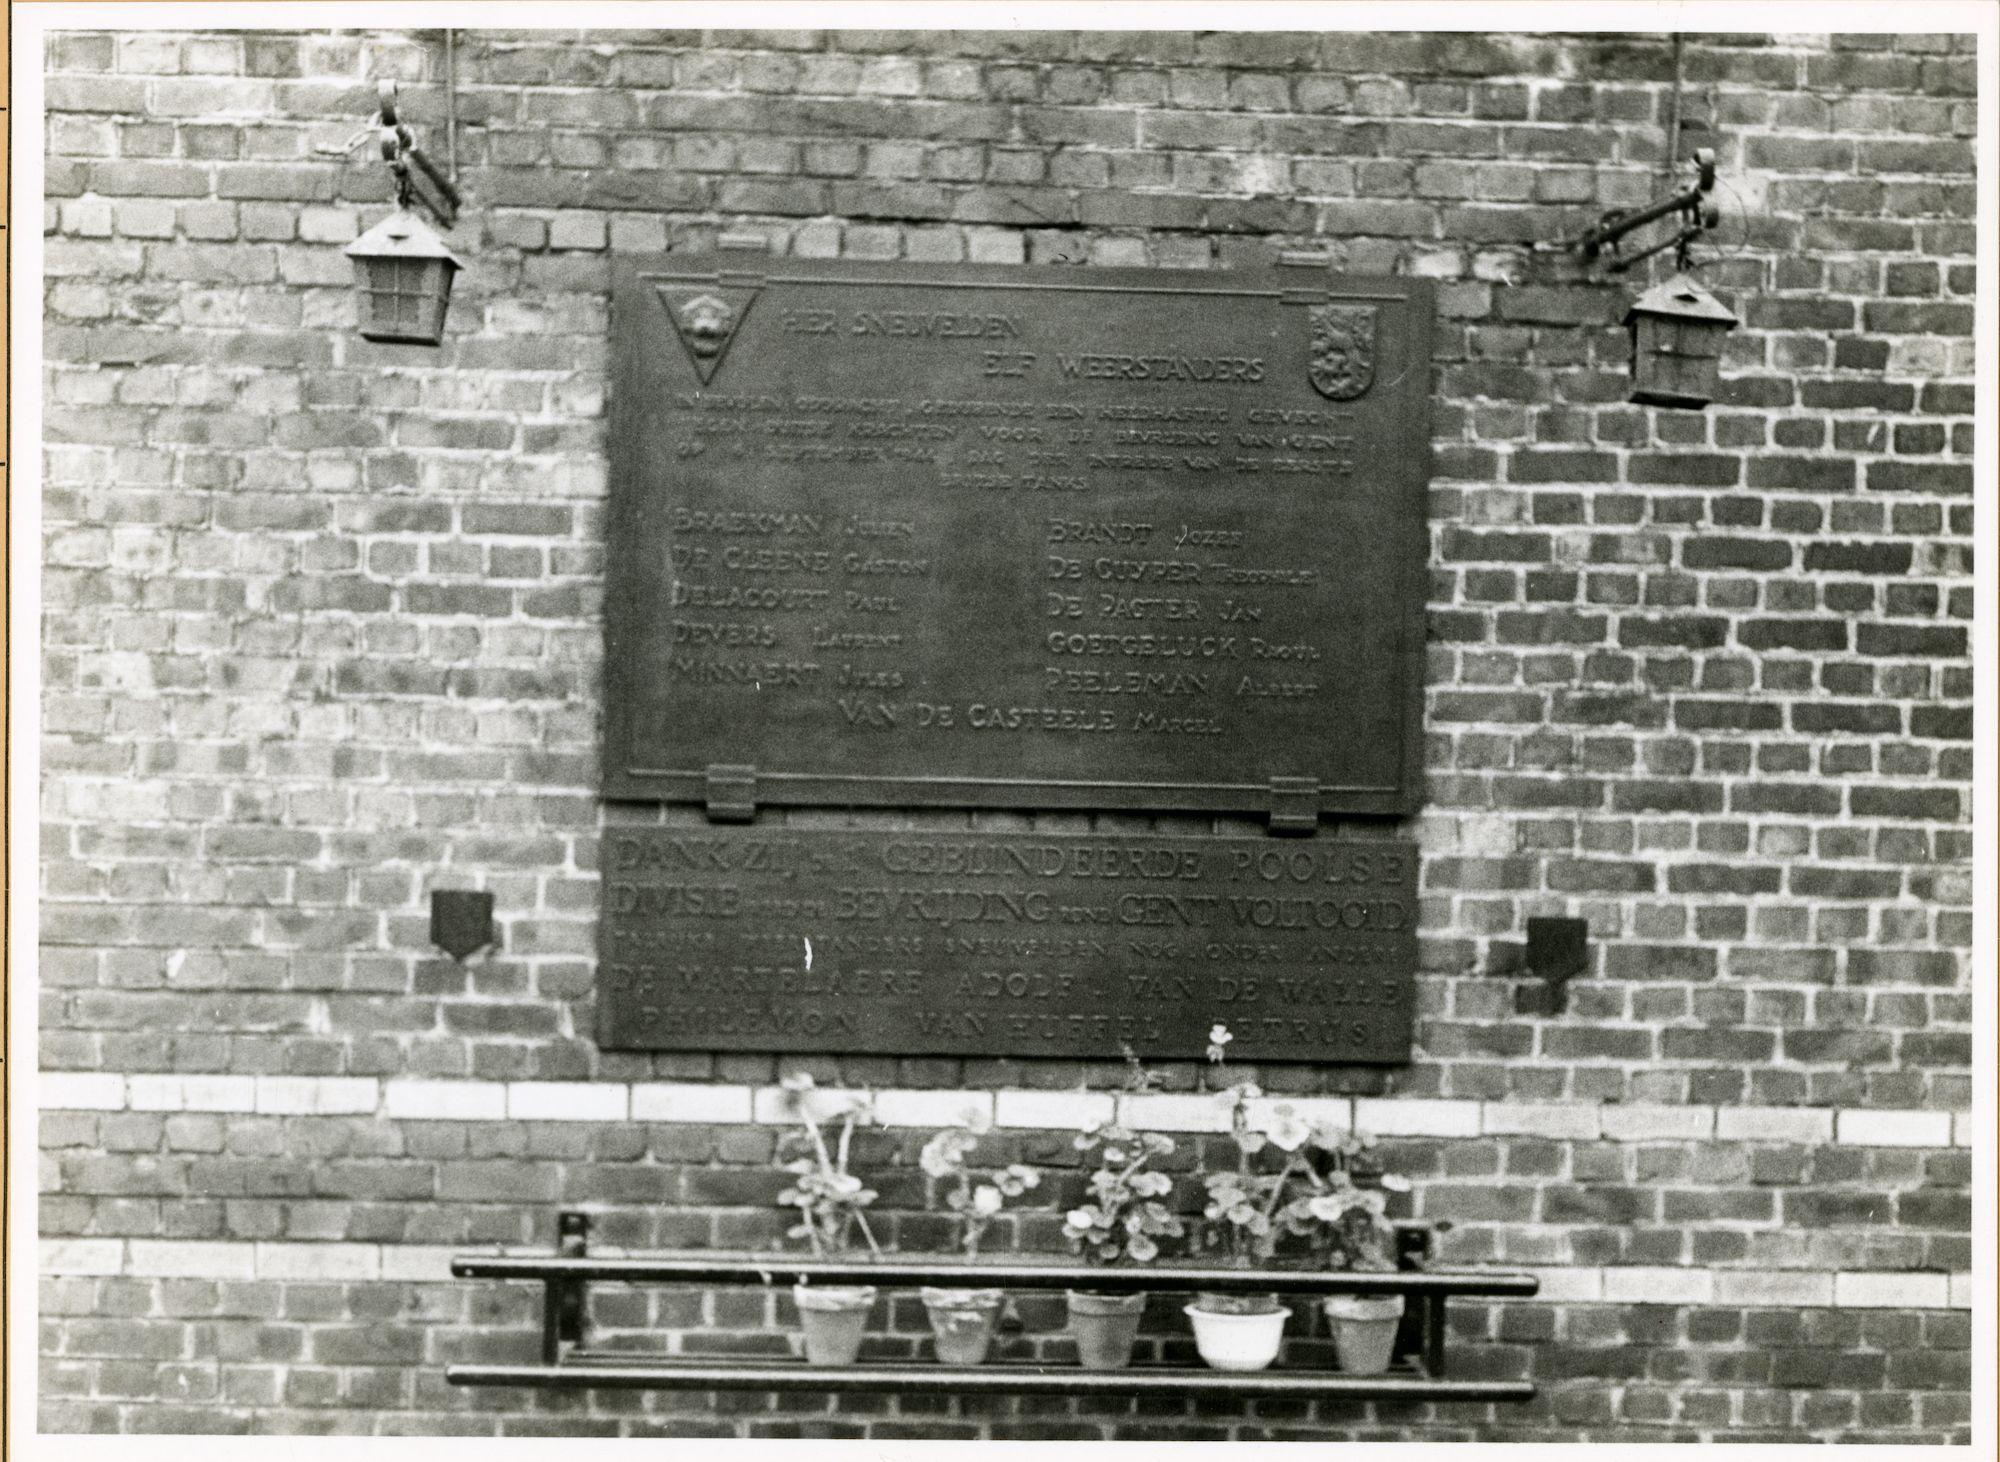 Gent: Gebroeders de Smetstraat - Gasmeterlaan: gedenkplaat: Wereldoorlog II, 1979